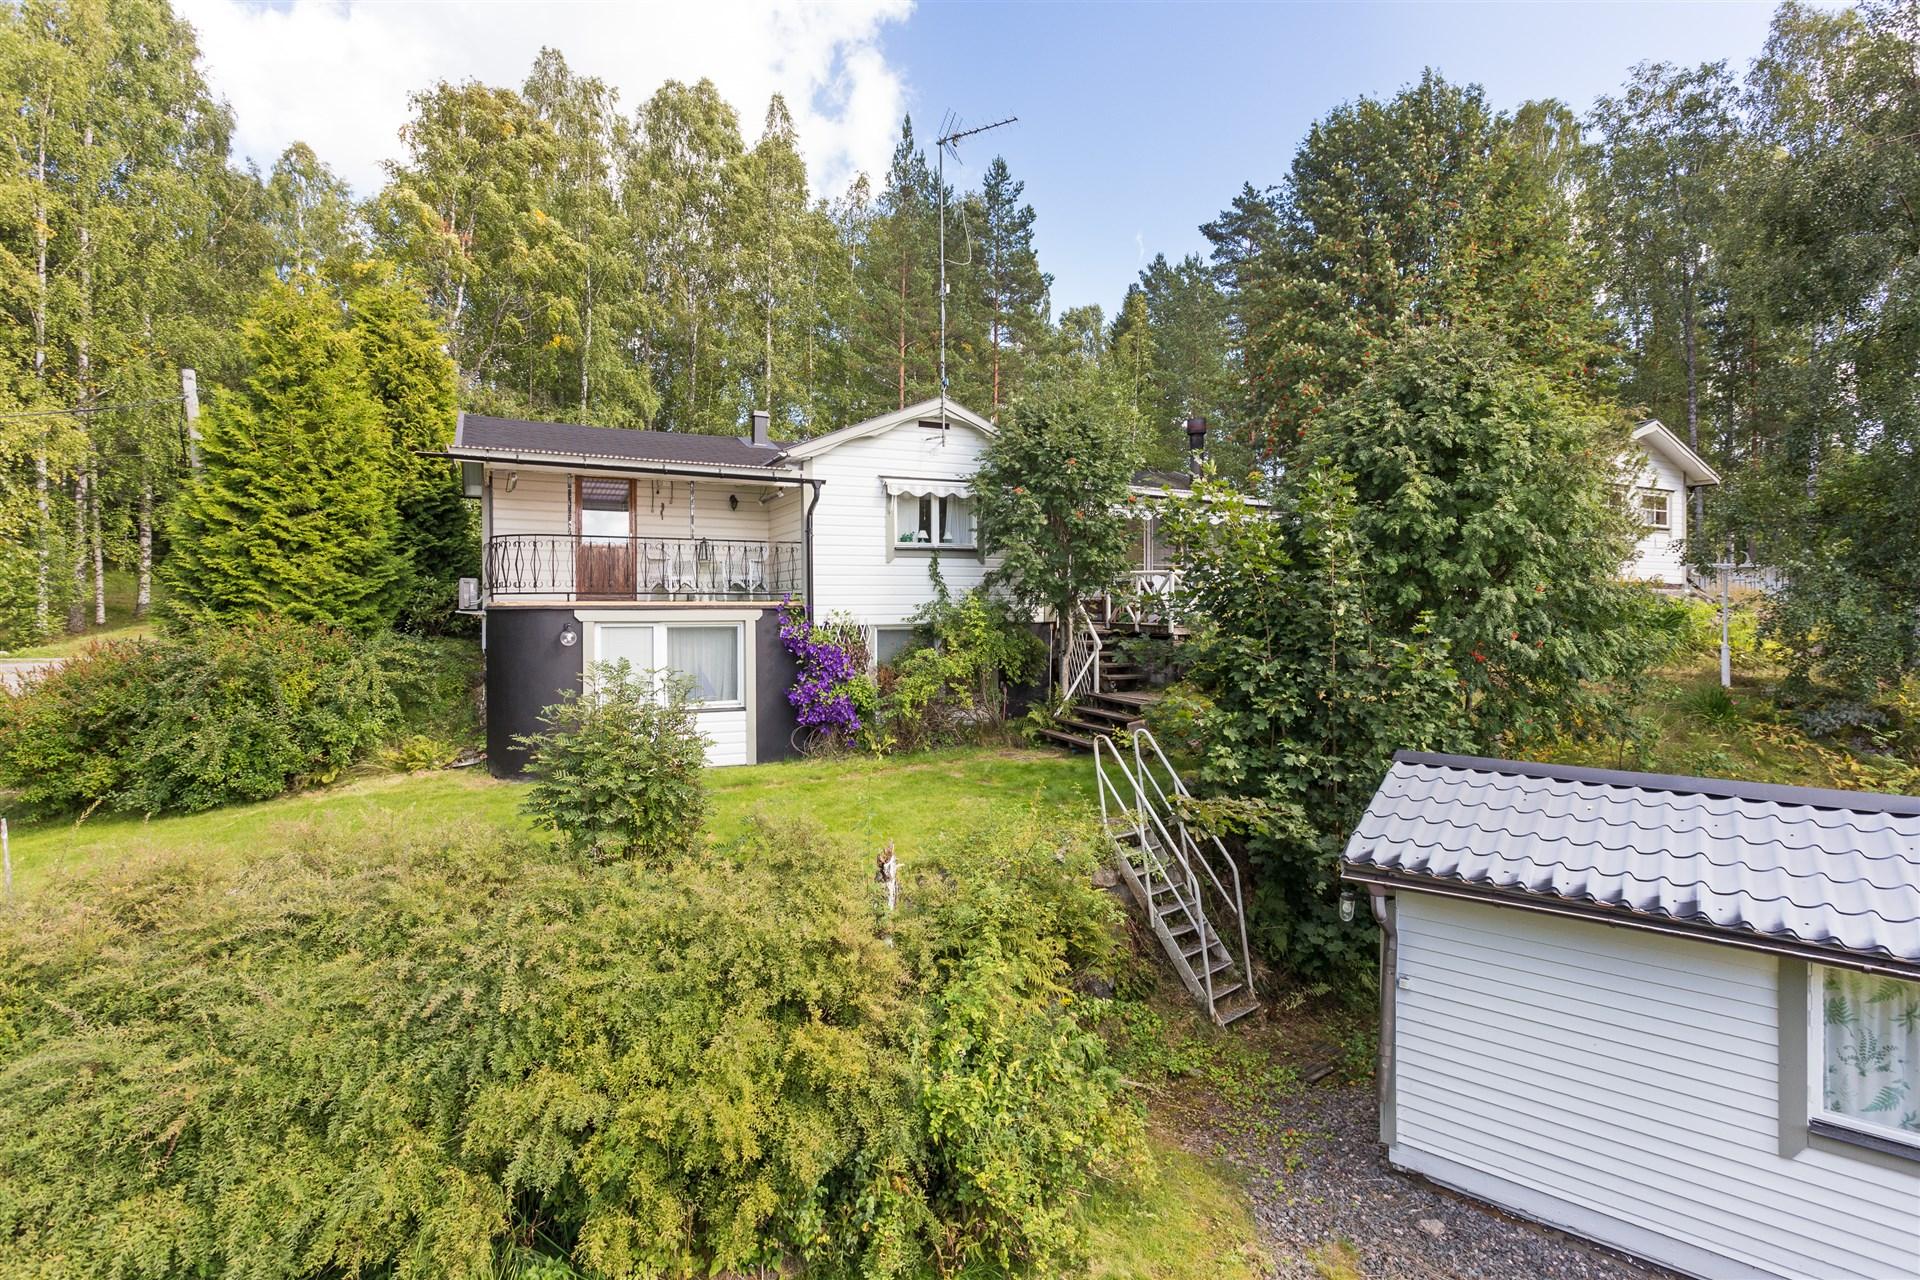 Trevligt hus för permanent eller fritidsboende. Högt läge med utsikt ner över Sörsjön. Garage och gäststuga.Trevlig tomt i sutteräng med blommor och buskar.